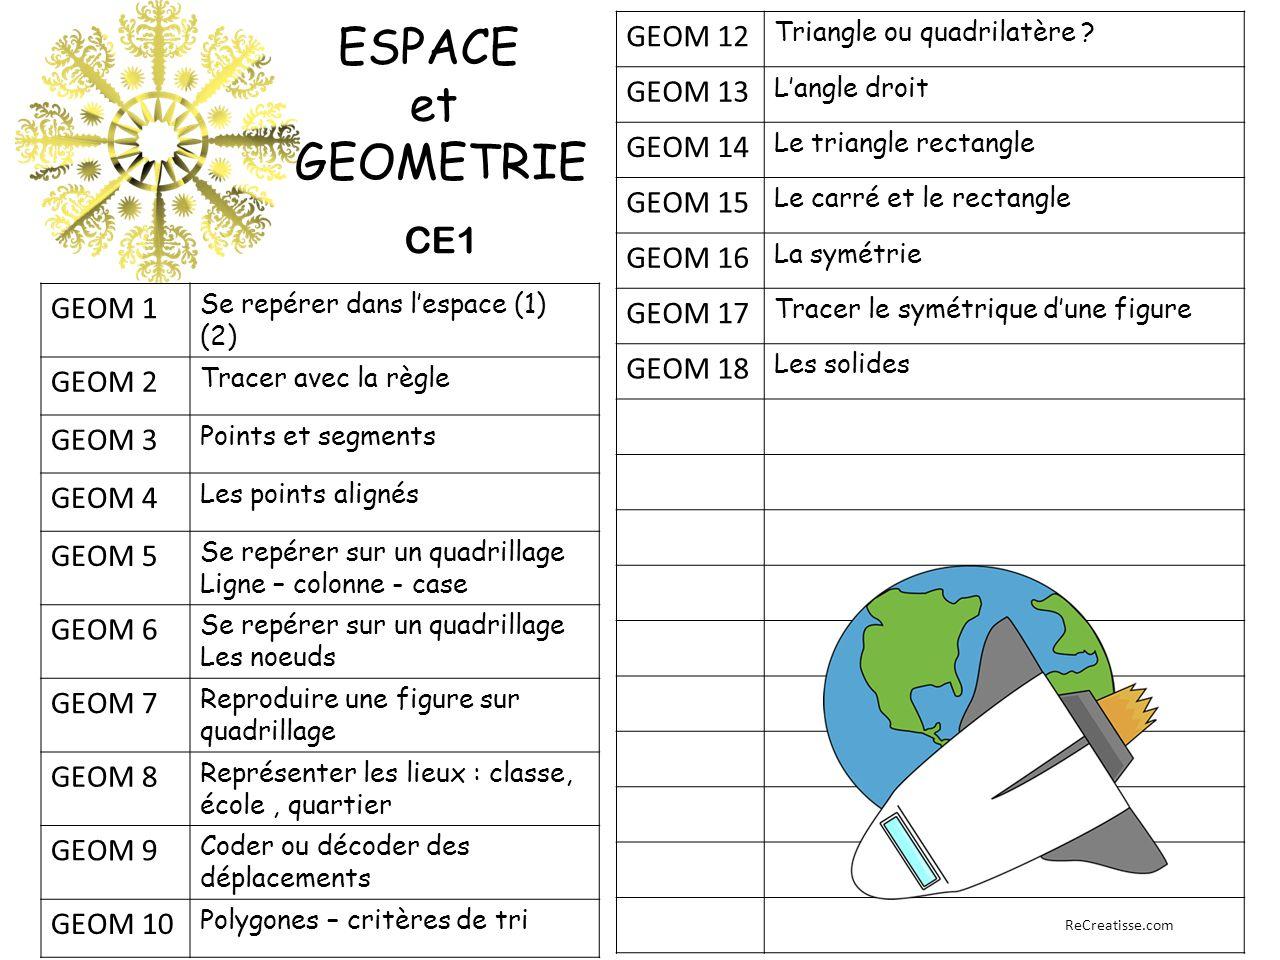 GEOM 1 Se repérer dans l'espace (1) (2) GEOM 2 Tracer avec la règle GEOM 3 Points et segments GEOM 4 Les points alignés GEOM 5 Se repérer sur un quadrillage Ligne – colonne - case GEOM 6 Se repérer sur un quadrillage Les noeuds GEOM 7 Reproduire une figure sur quadrillage GEOM 8 Représenter les lieux : classe, école, quartier GEOM 9 Coder ou décoder des déplacements GEOM 10 Polygones – critères de tri GEOM 12 Triangle ou quadrilatère .